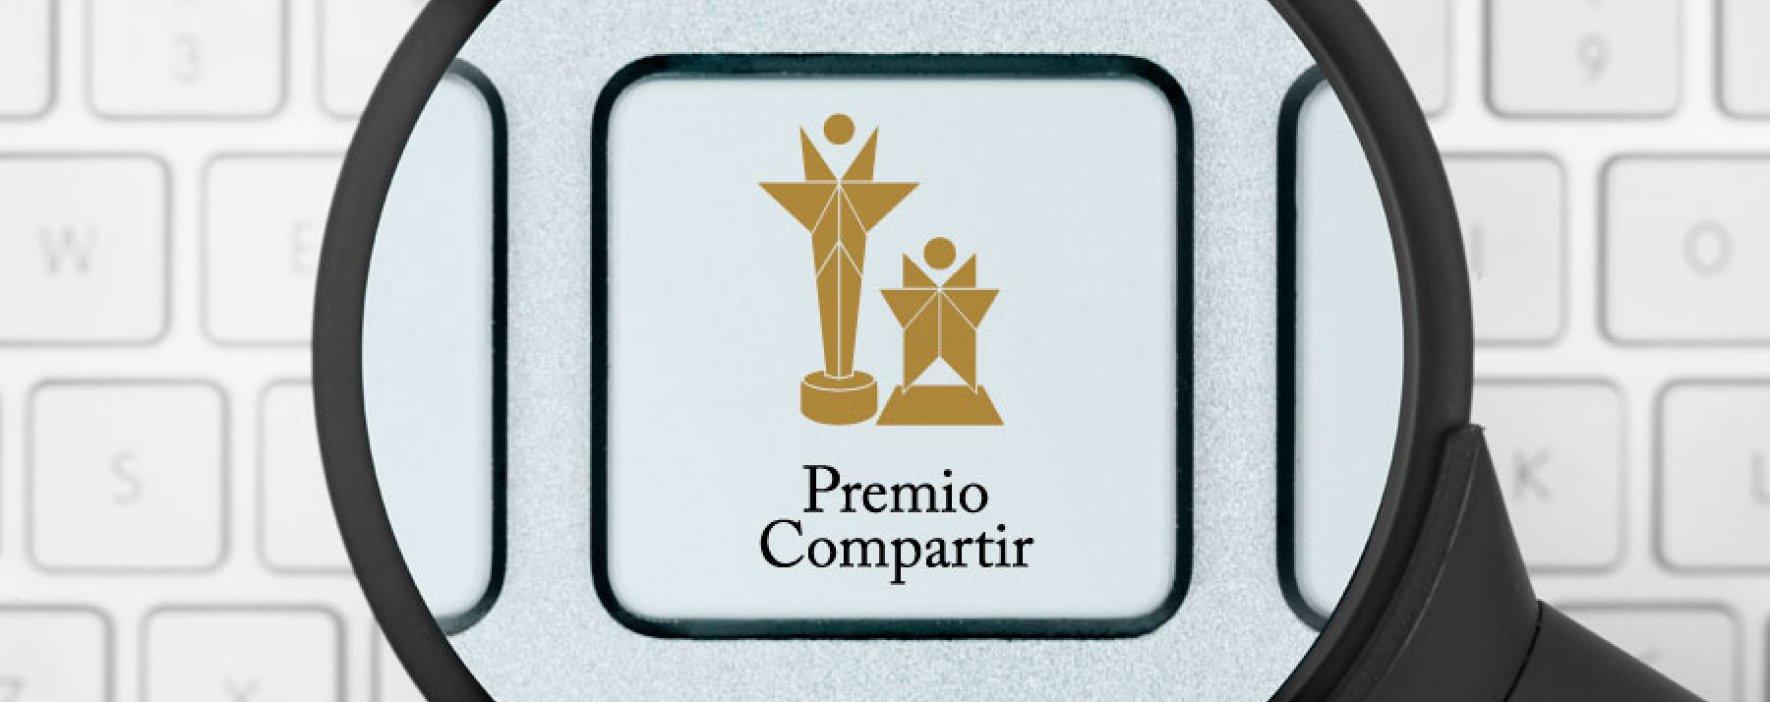 ¿Necesita asesoría para postularse al Premio Compartir?